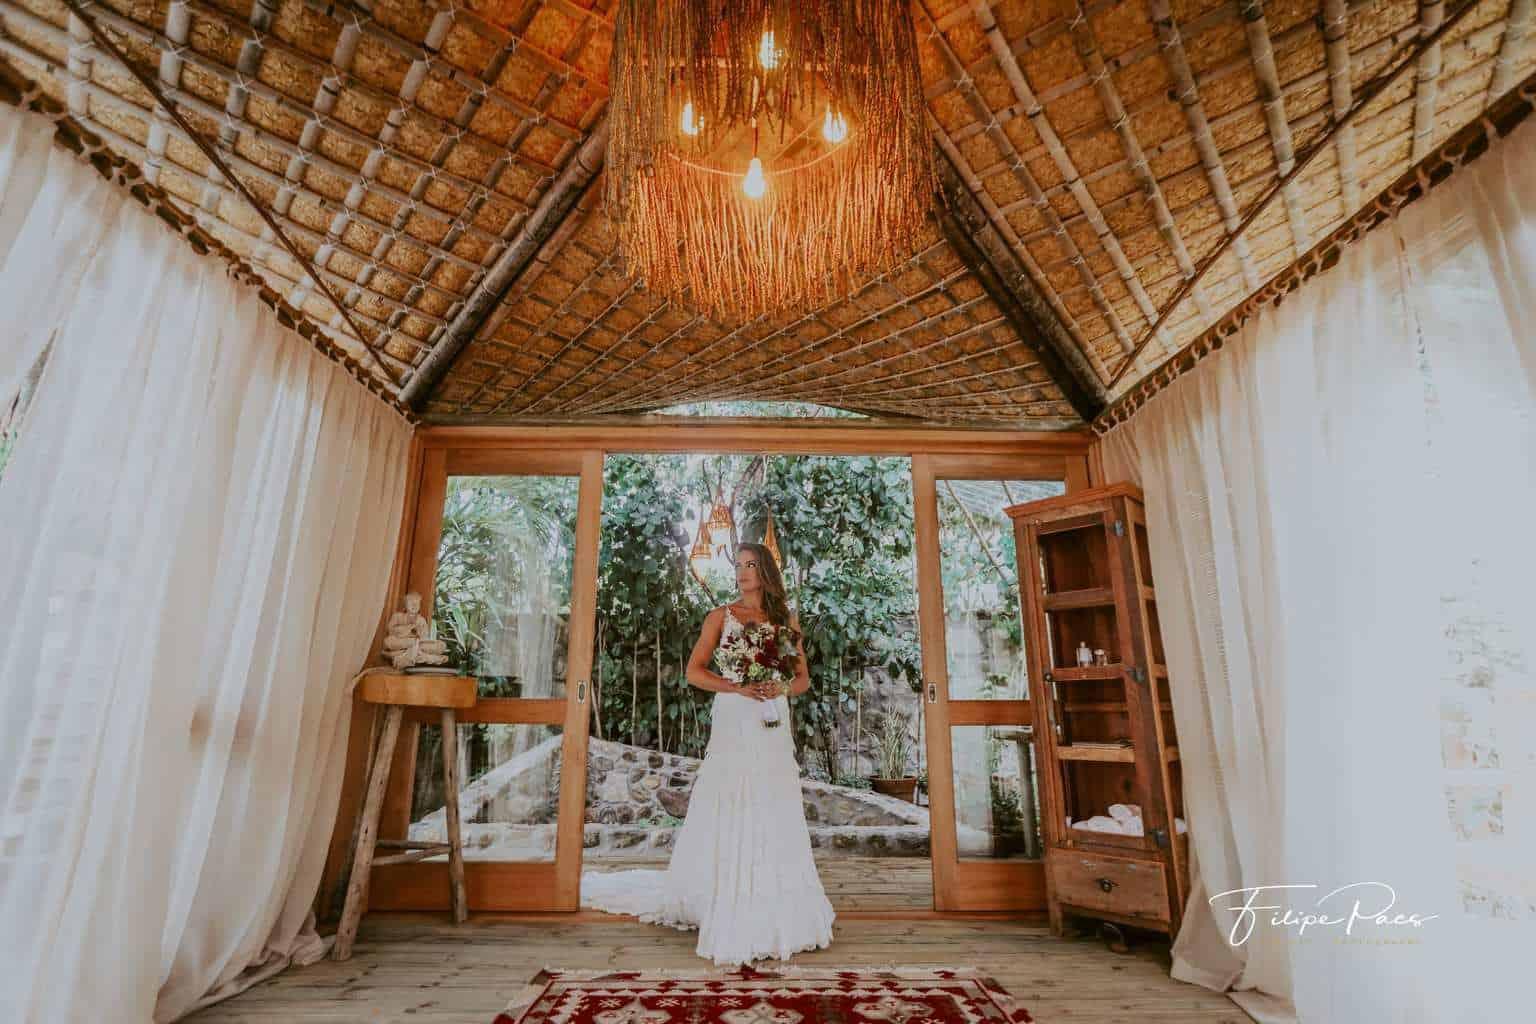 casamento-ao-ar-livre-casamento-de-dia-casamento-Maira-e-Erick-casamento-na-praia-Fotografia-Filipe-Paes-Studio-47-look-da-noiva-Luaia-Cabanas-Maresias-noiva-São-Paulo-10